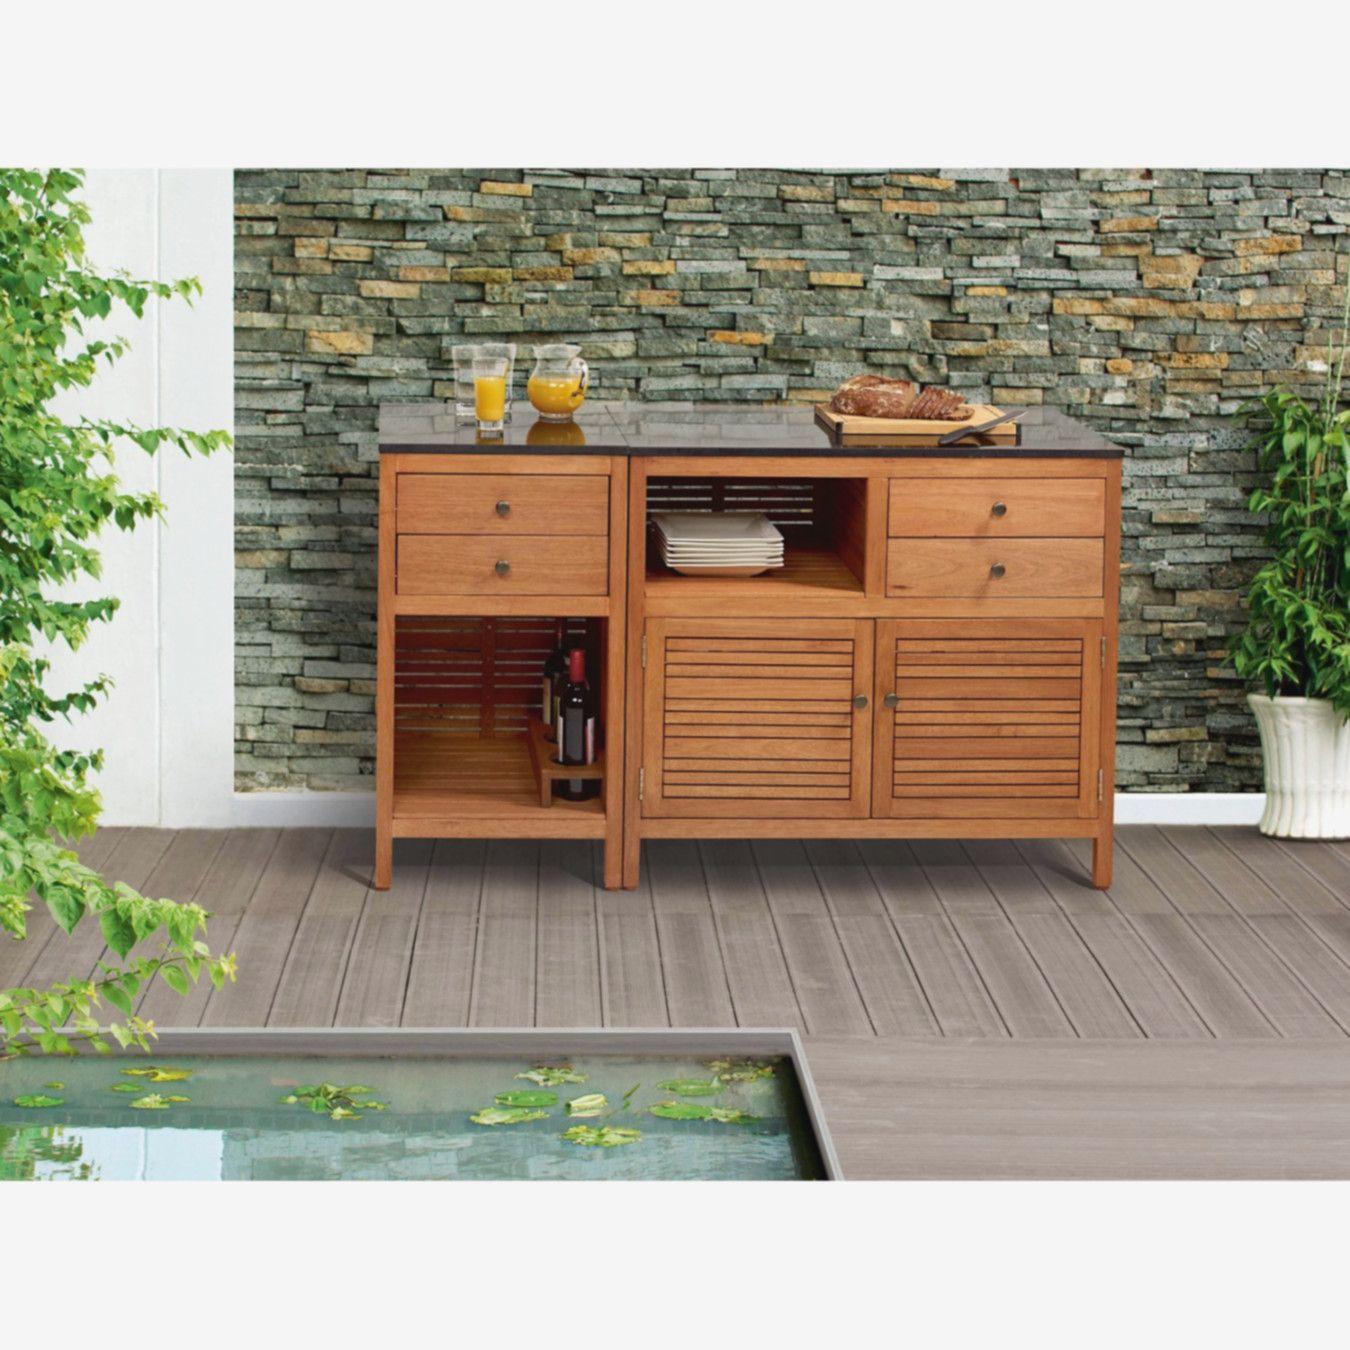 Billig Gartenmobel Schrank Holz Schrank Holz Billige Gartenmobel Aufbewahrung Balkon